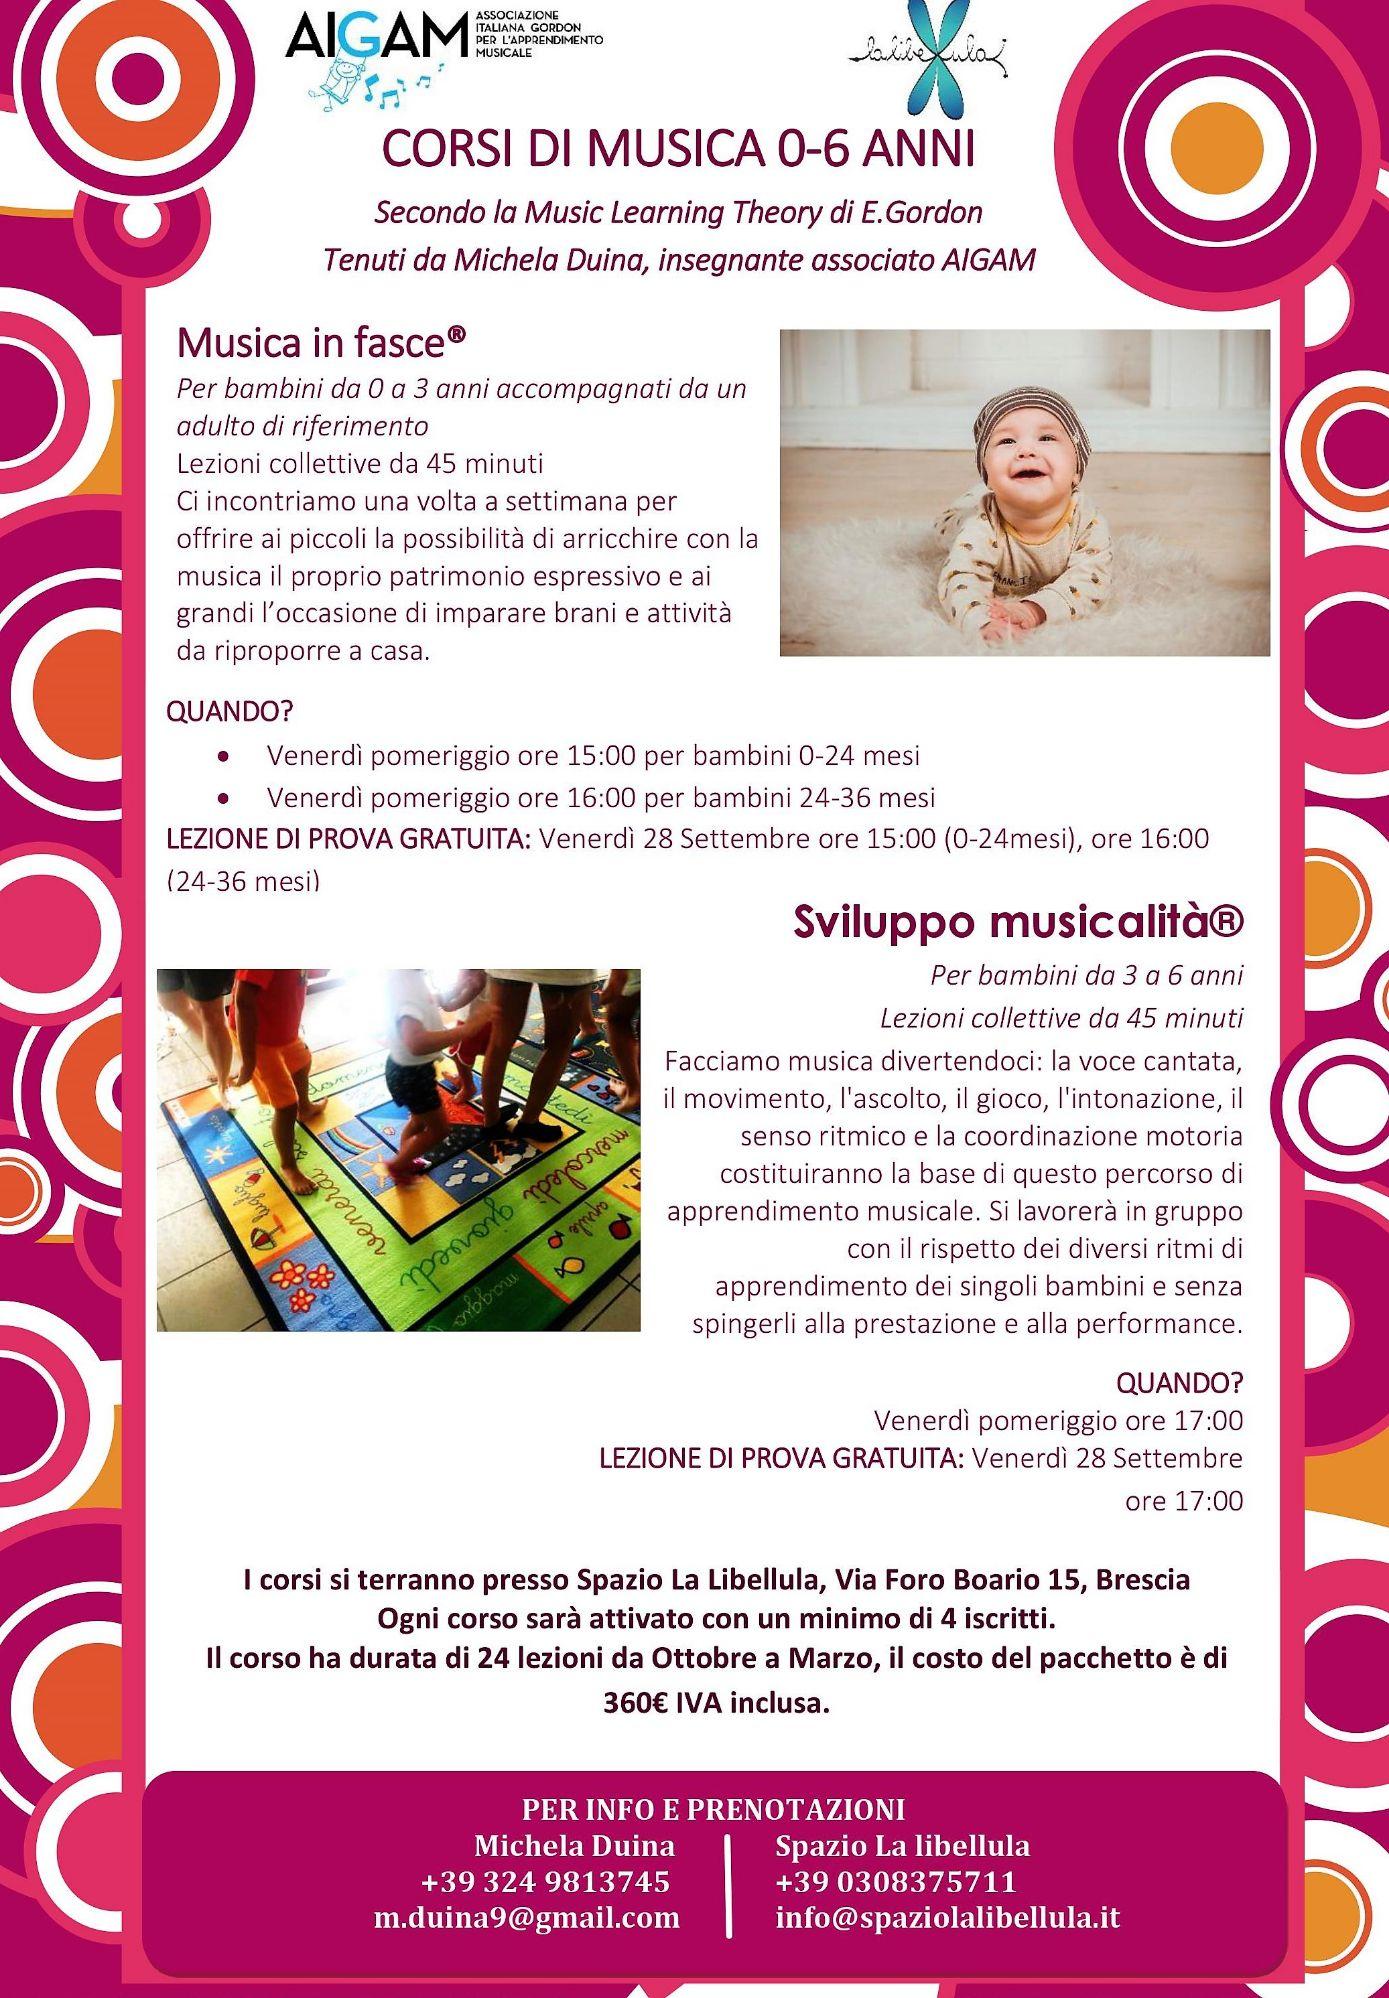 INCONTRO INFORMATIVO CORSI MUSICA 0-6 ANNI